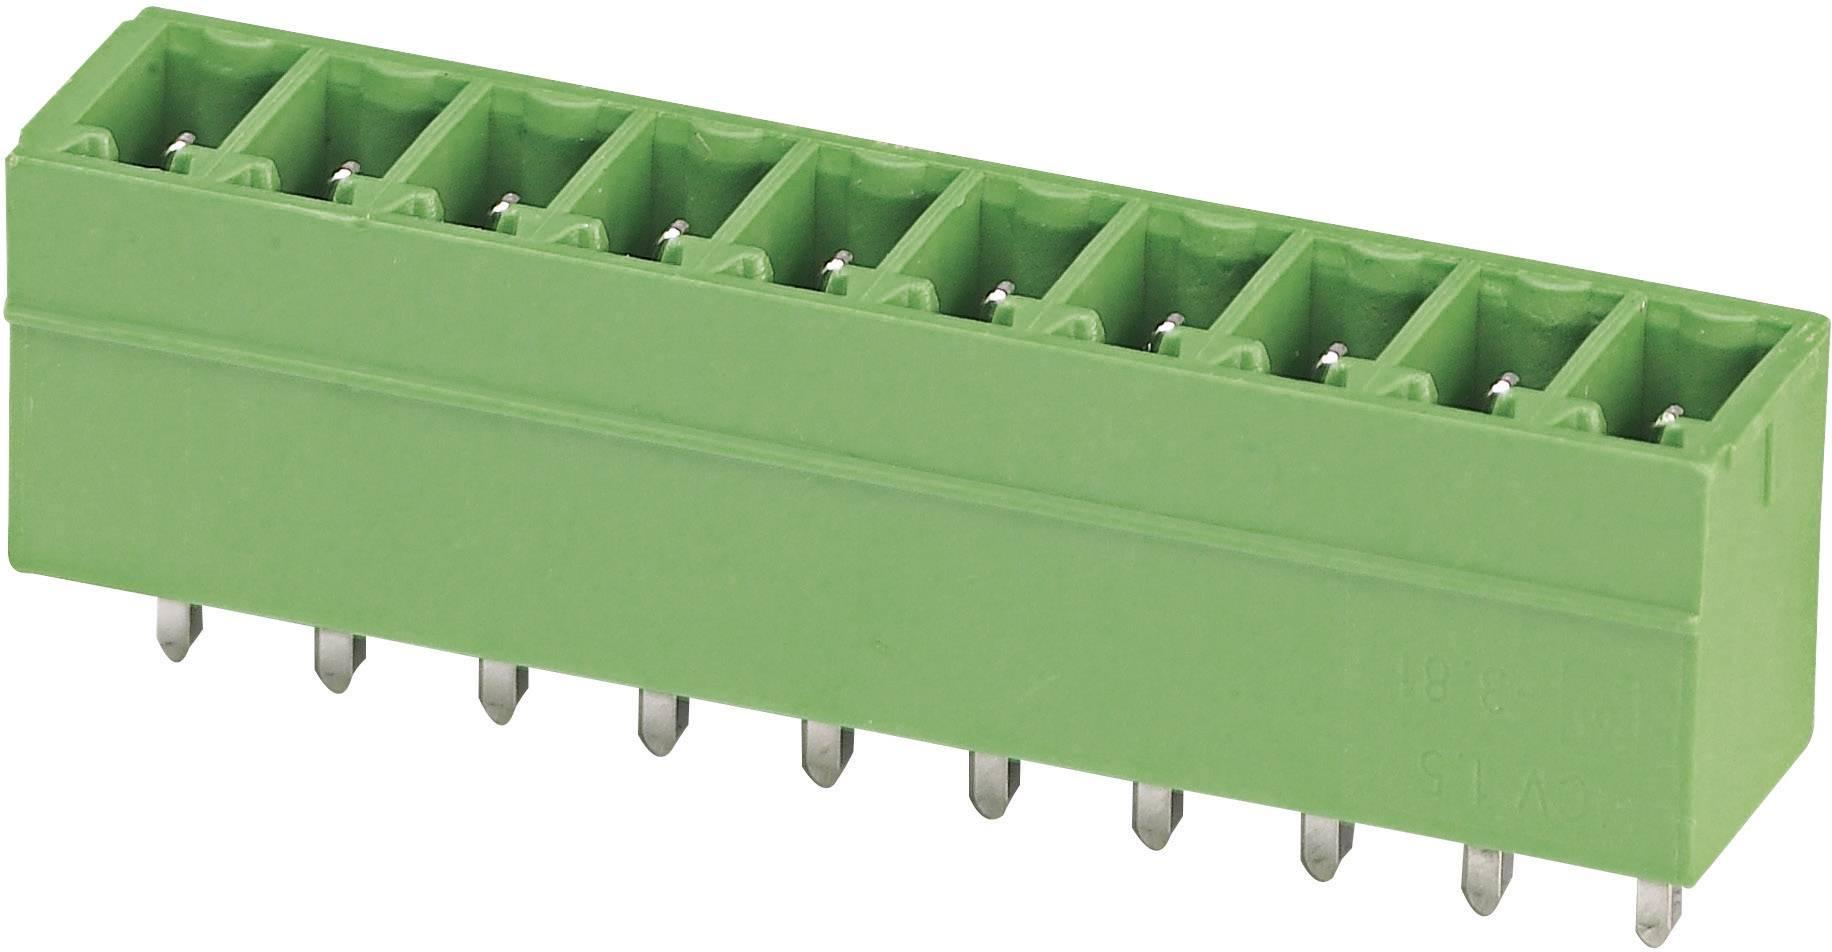 Svorkovnice 1řadá do DPS Phoenix Contact MCV 1,5/ 3-G-3,5 (1843619), 3pól., zelená